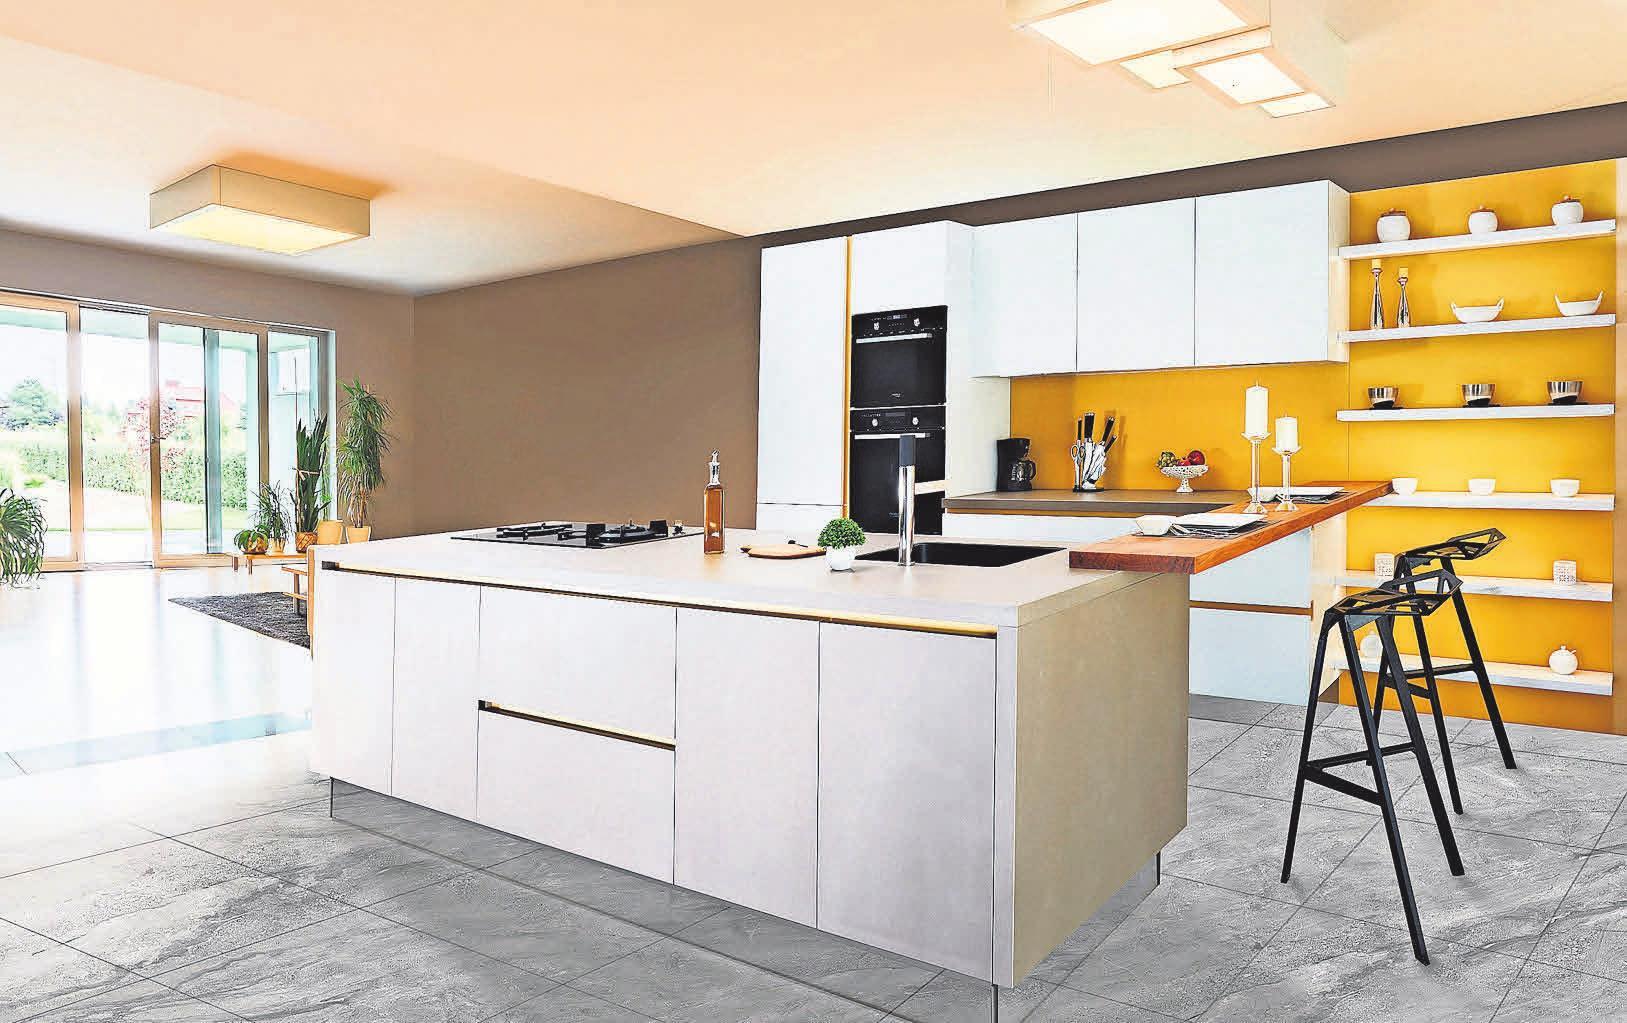 Eine ergonomische Küche überzeugt durch viele variable Module.